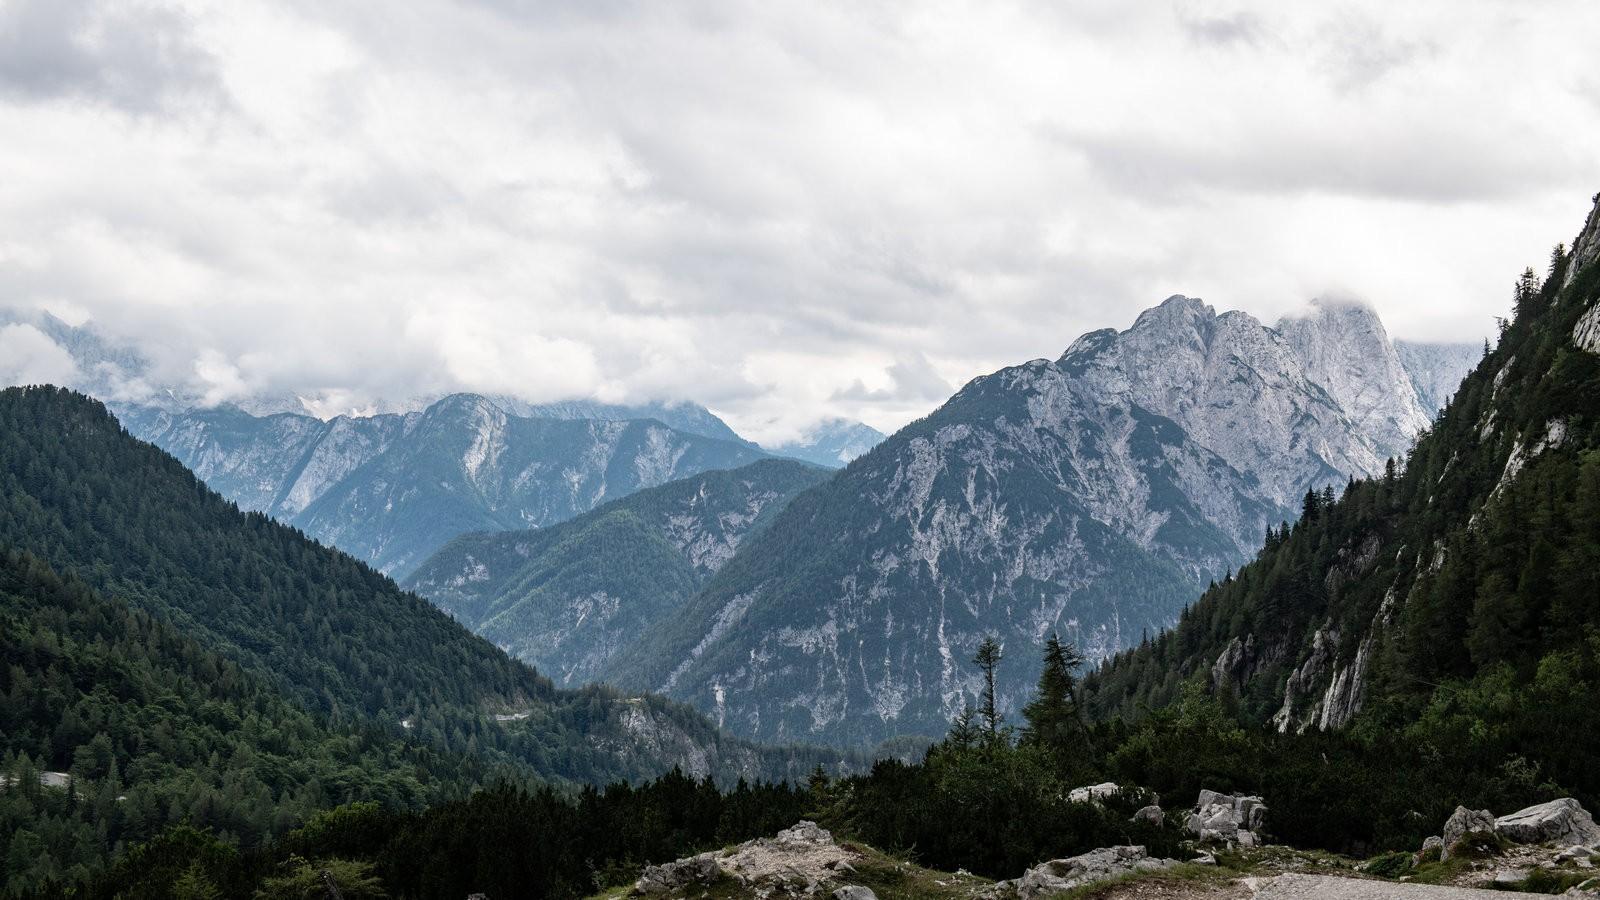 Высшая точка маршрута лежала на высоте 1 611 метров: это перевал Вршич, один из высочайших горных перевалов в этой части Альп. В отсутствие проблем с дыханием или недостатком тяги у машин напоминанием об отметке над уровнем моря были лишь облака, ватными комьями укутывающие вершины гор – до них, казалось, рукой подать. Ну а на самым впечатляющим на спуске было даже не скалистое окружение, а сама дорога, выложенная в поворотах брусчаткой. Это – вечная память о русских военнопленных, которые в годы Первой мировой войны прокладывали путь через перевал. Австро-Венгрия, в состав которой в то время входила территория Словении, стремилась укрепить свои позиции на итальянском фронте, и задействовала для этого пленную рабочую силу. Несколько лавин, сошедших во время строительства и выкосивших русских солдат быстрее голода, болезней и тяжелого труда, погребли под собой сотни человек – и как дань памяти здесь теперь стоит Русская часовня, к которой ведет та самая дорога, выстланная брусчаткой.